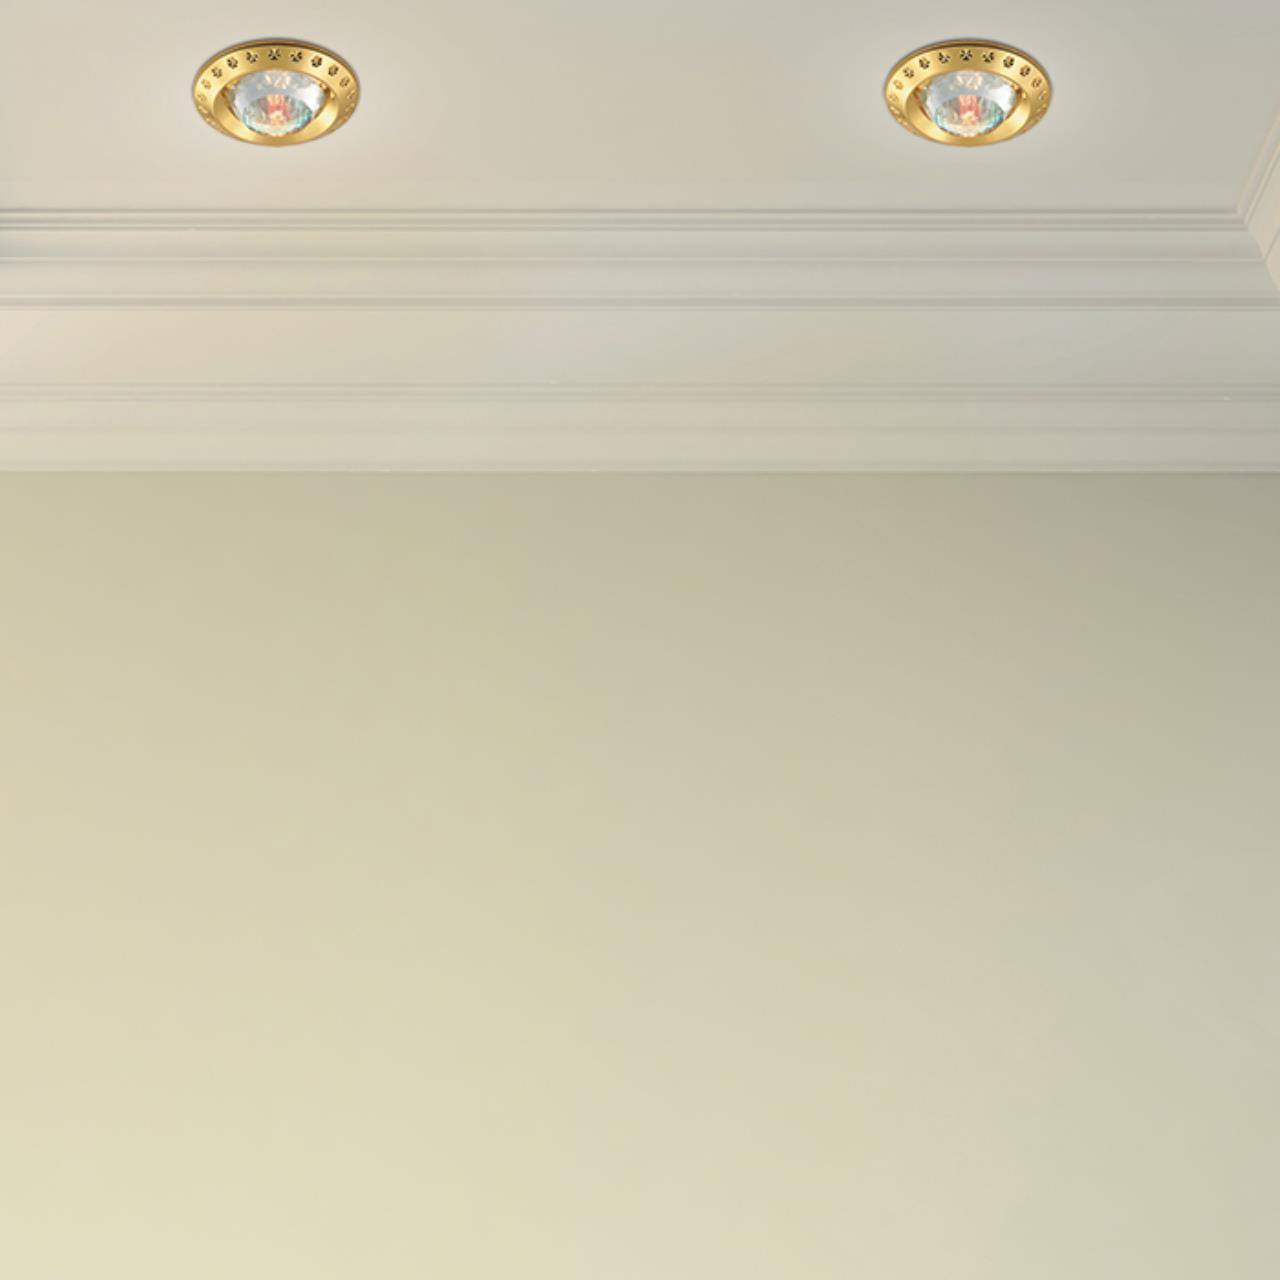 Встраиваемый светильник Novotech Spot Glam 369648, 1xGU5.3x50W, золото, прозрачный, металл с хрусталем, хрусталь - фото 2